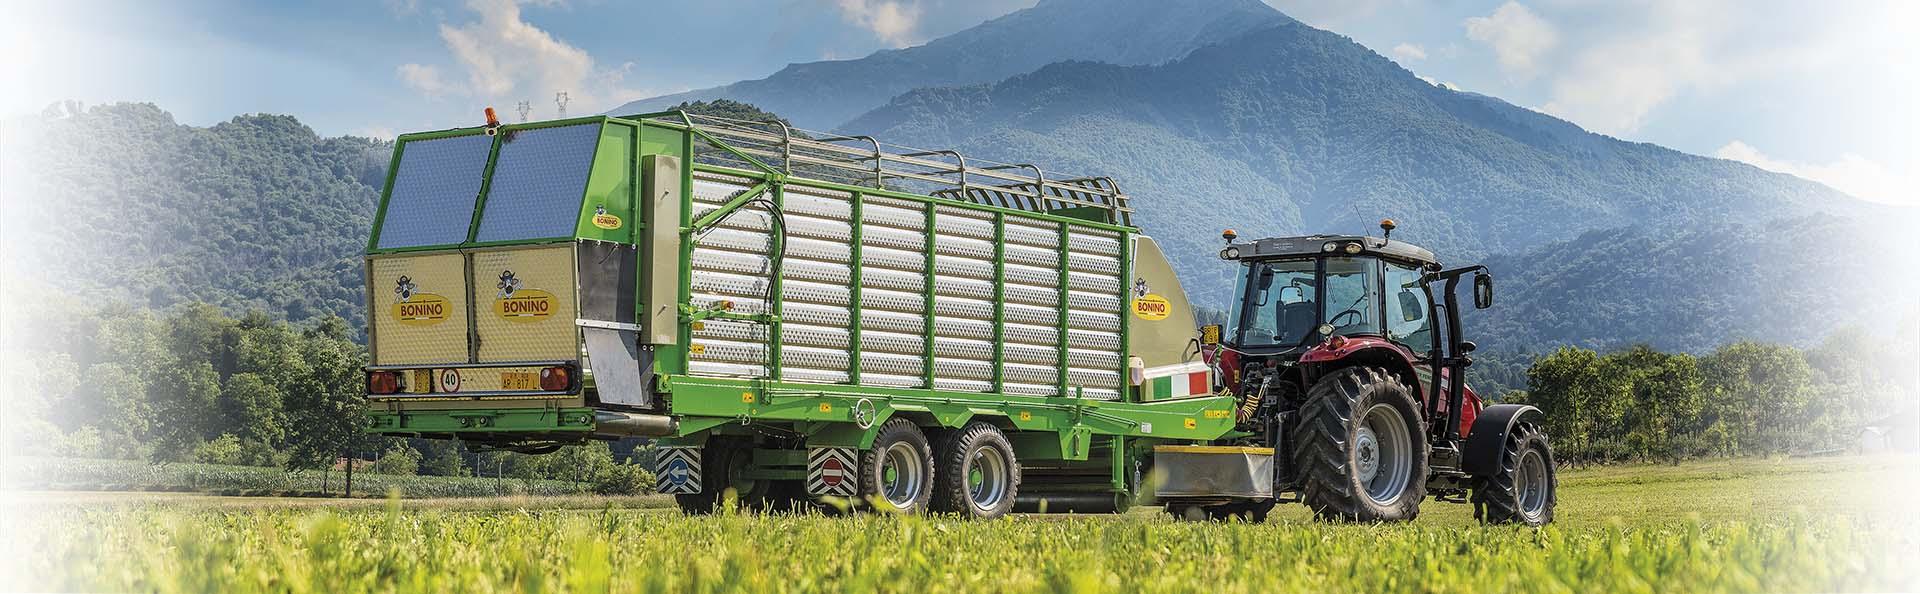 Bonino-carro-falcia-autocaricante-Venere-700-Self-loading-grazer-wagon